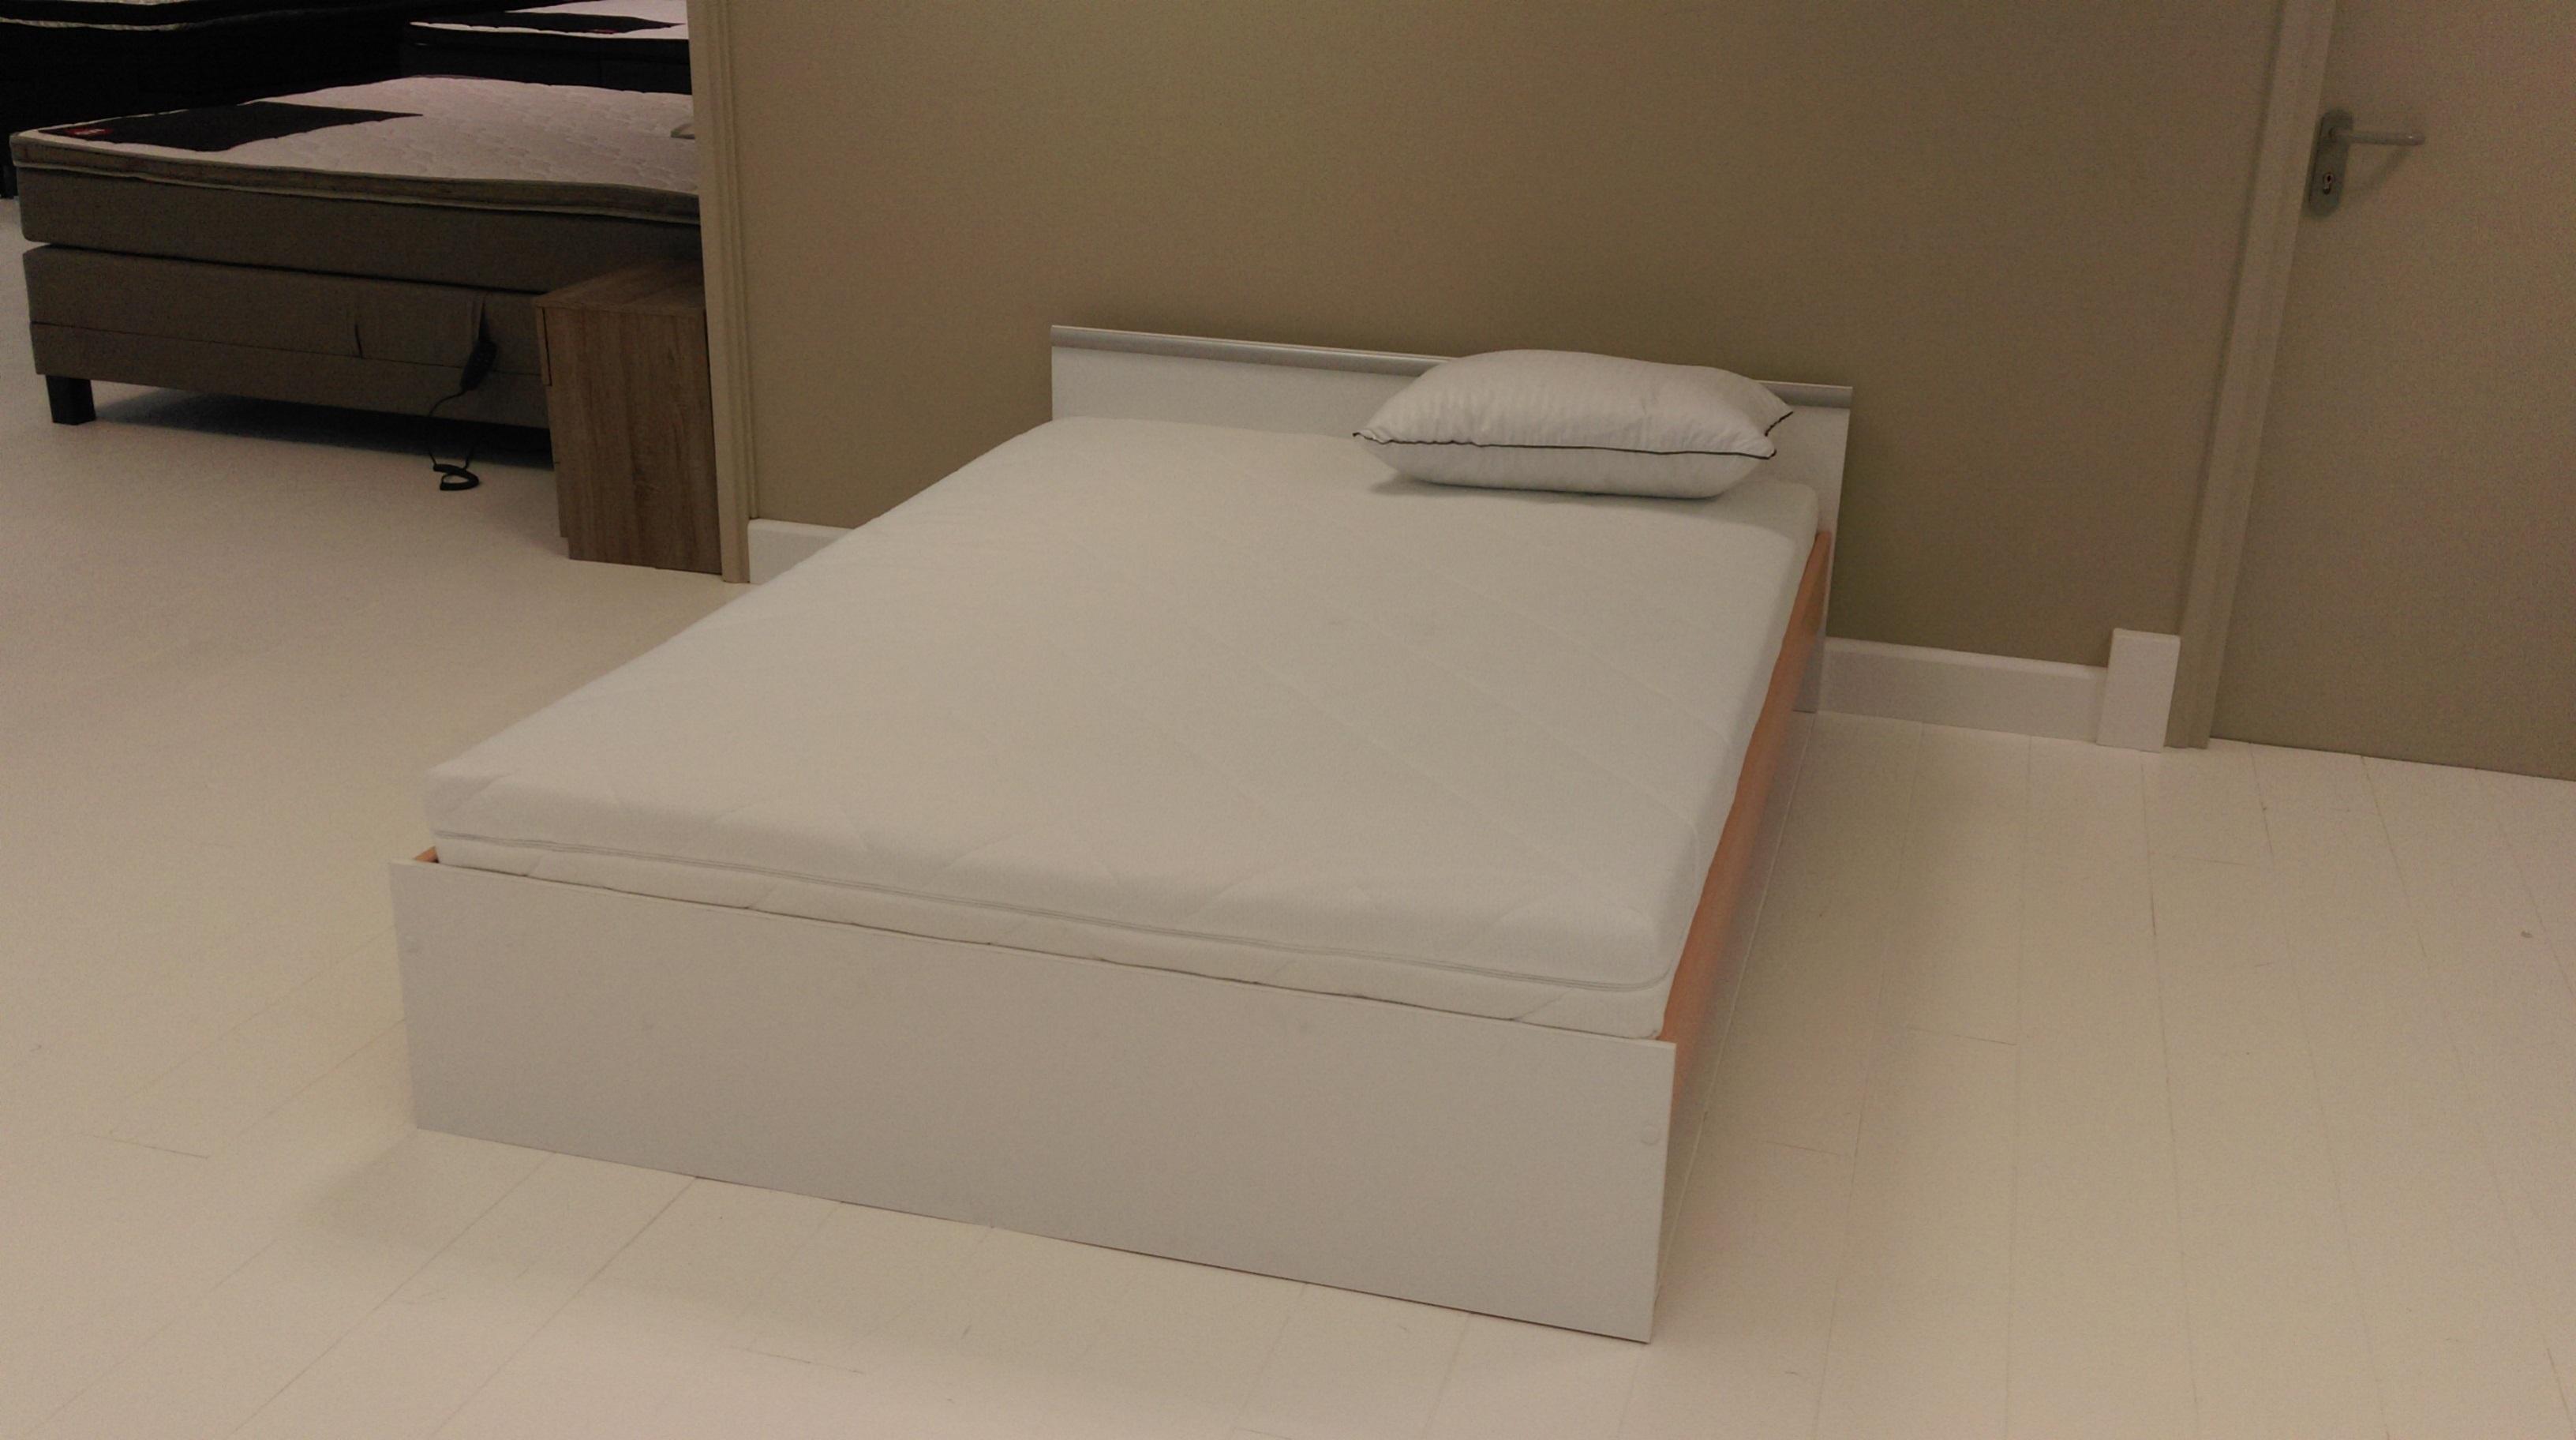 Bed 140x200 Compleet.Ledikant Compleet Met Bedbodems En Matras 140x200 Wit Direct